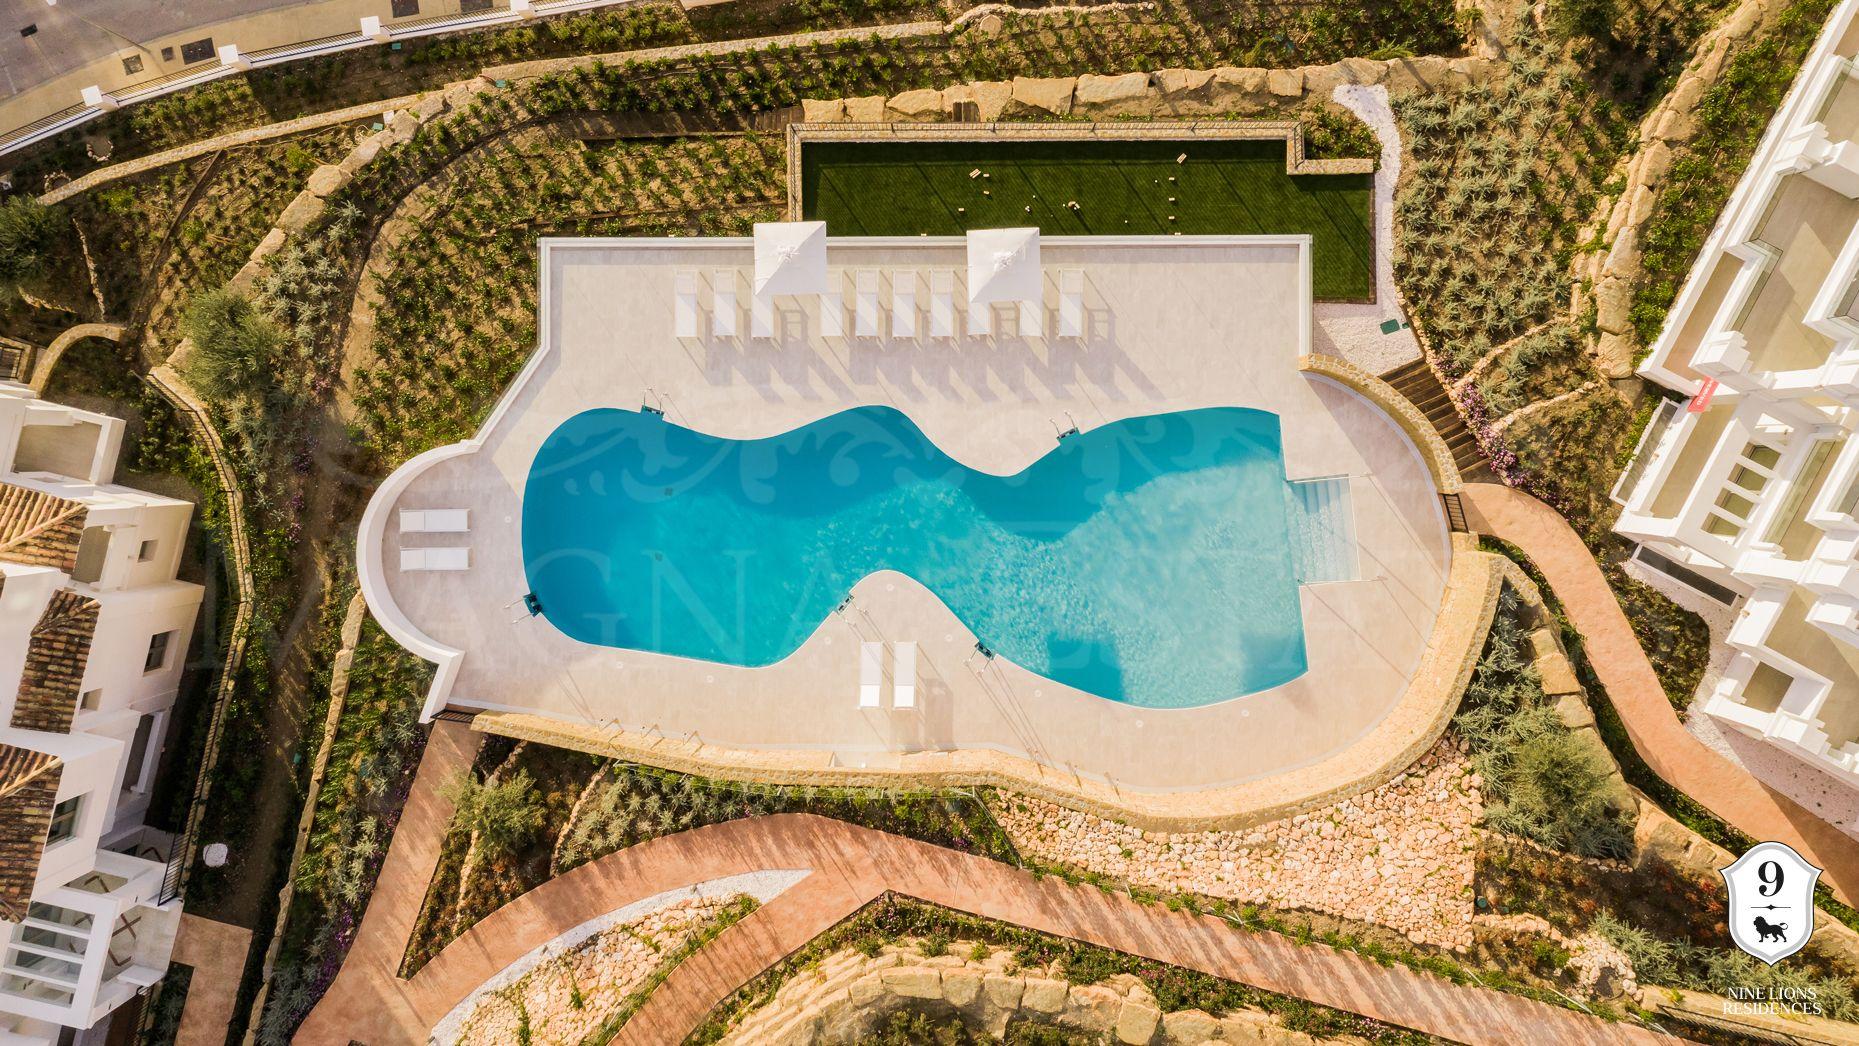 Espectacular apartamento de 3 dormitorios y 3 baños en Nueva Andalucía, Marbella, con vistas maravillosas al mar.